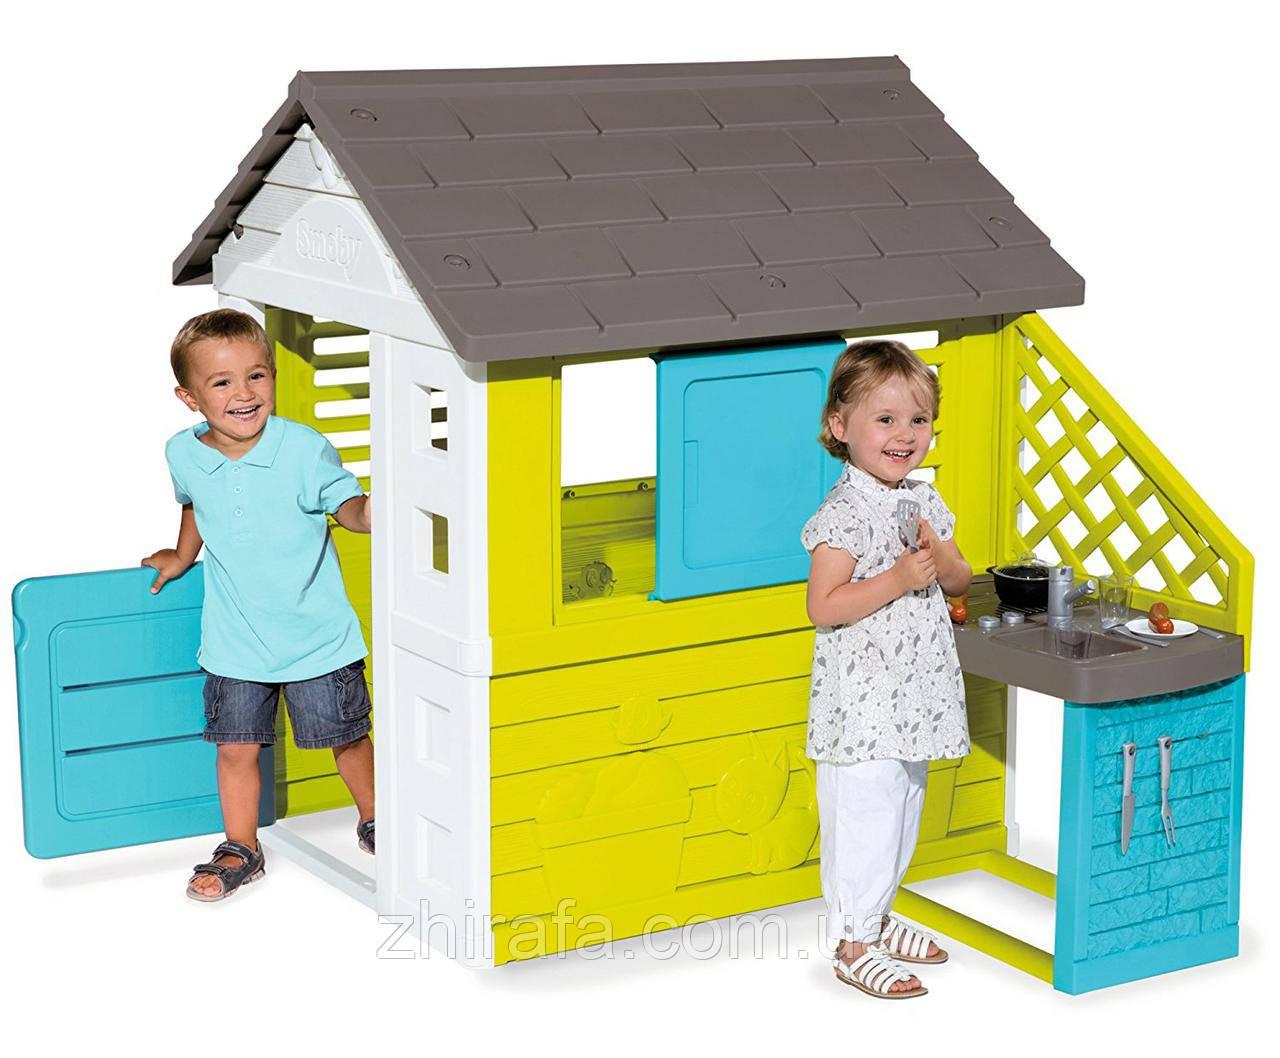 Игровой детский домик с кухней Smoby Pretty UV 810703